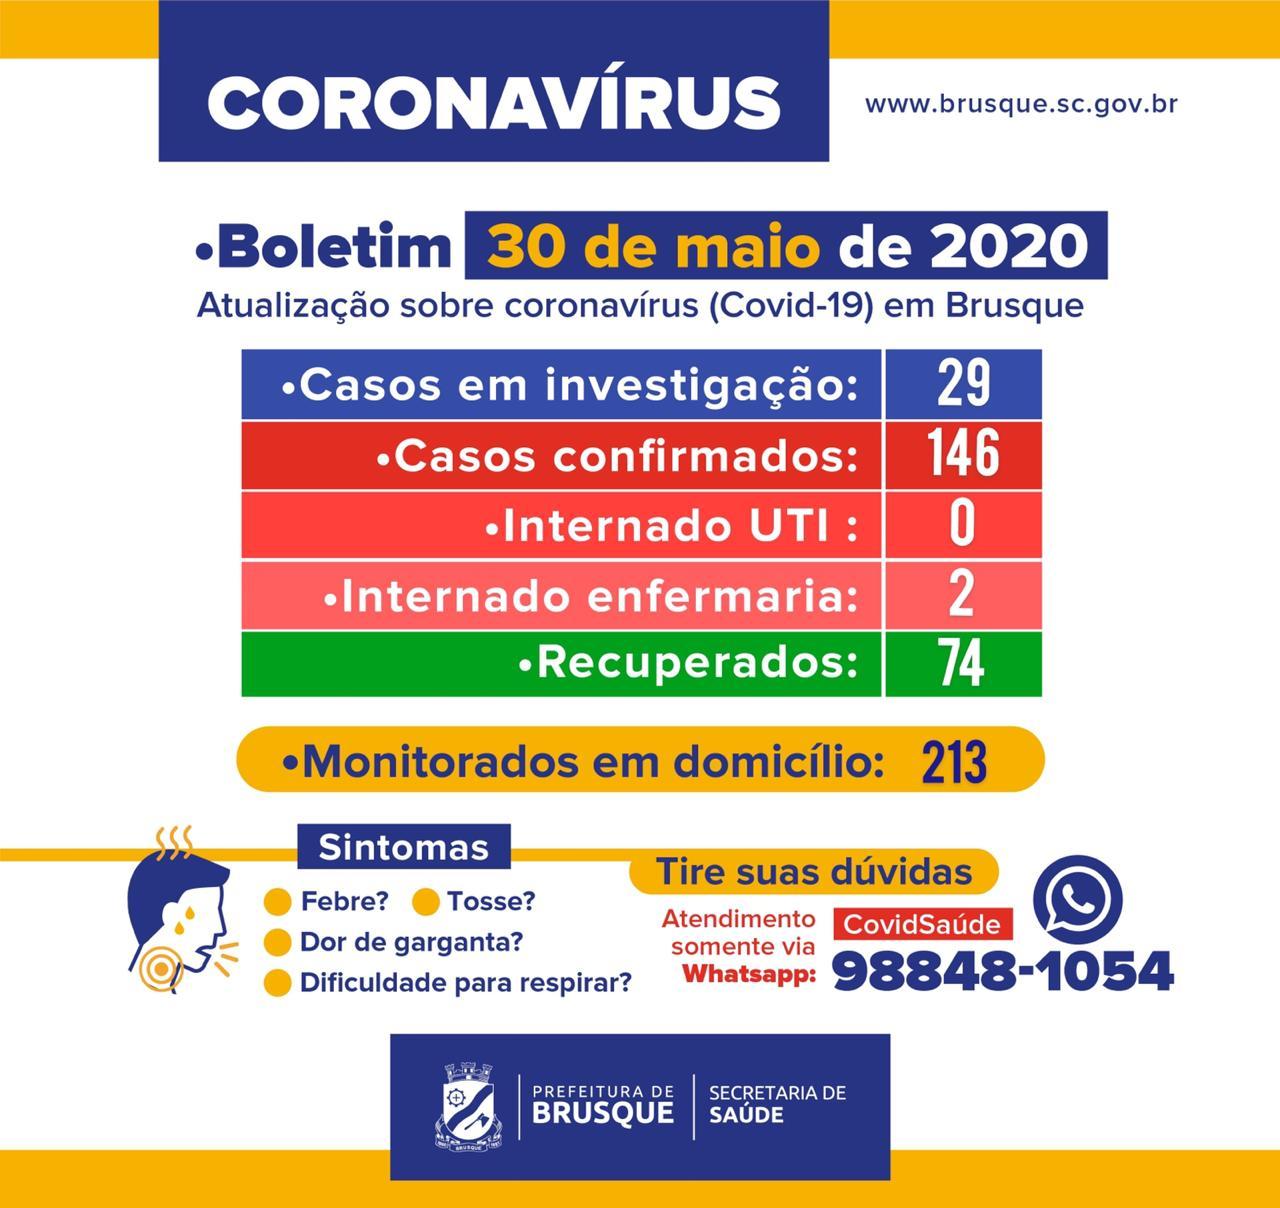 Boletim Epidemiológico: 146 casos confirmados de coronavírus em Brusque. 74 recuperados